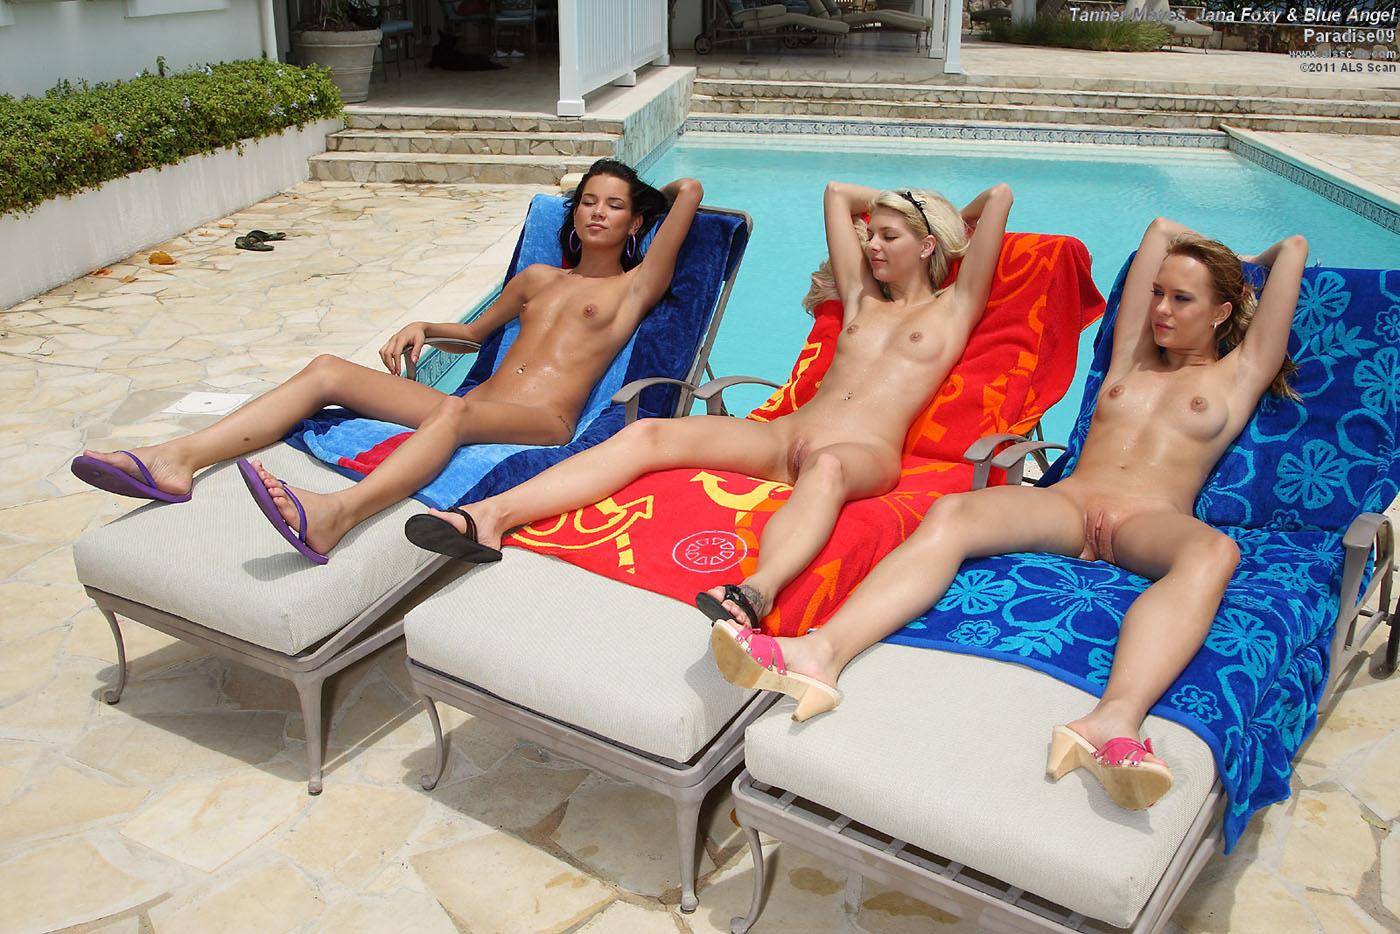 Nikki du plessis teaseum naked in paradise